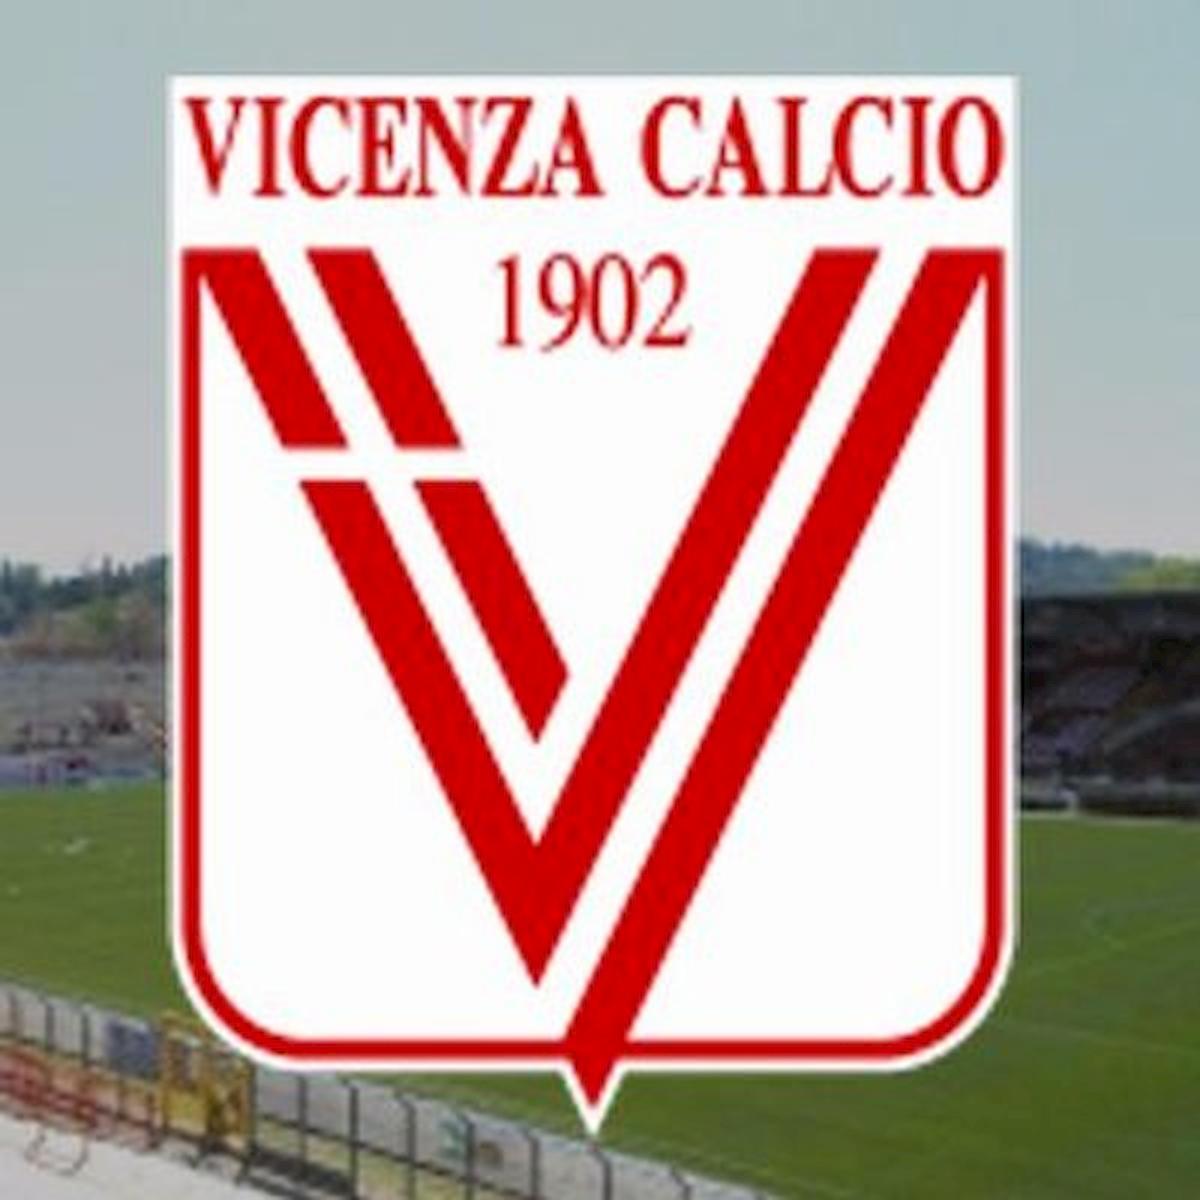 Vicenza Calcio, Edoardo Bolzon si è svegliato dal coma: era stato operato d'urgenza per emorragia cerebrale